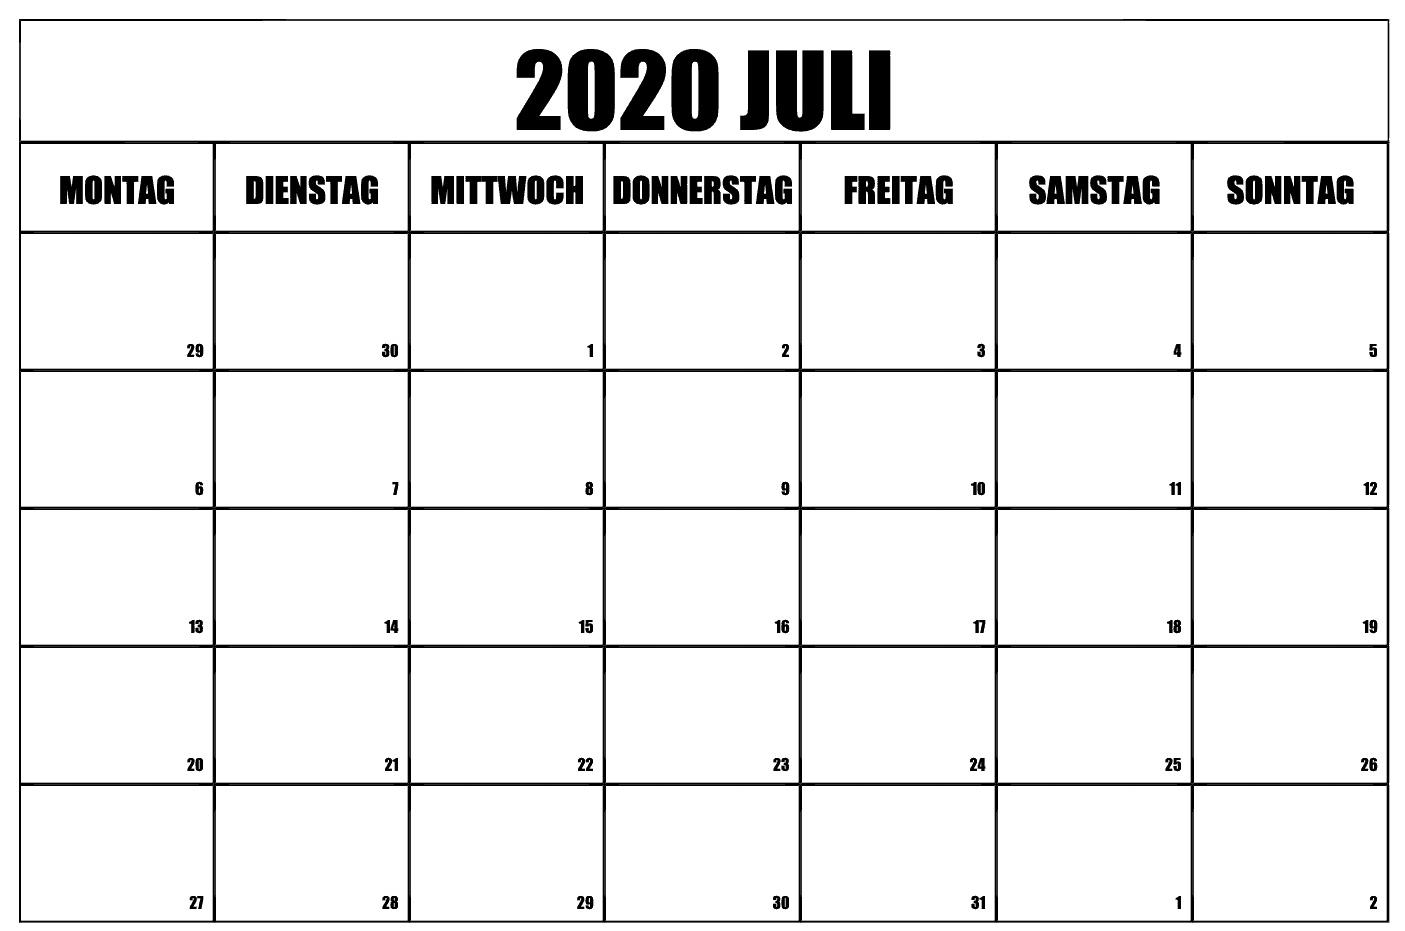 Kostenlos Zum Ausdrucken Juli 2020 Kalender